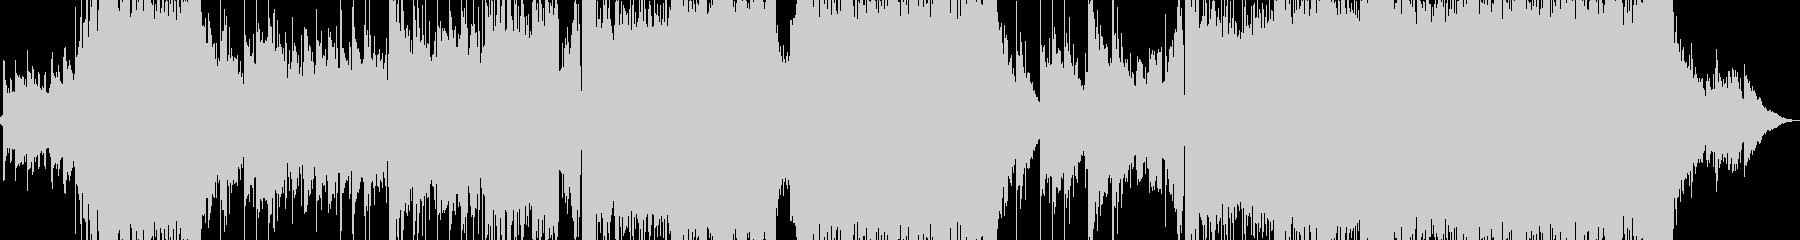 メロディが印象的なロックバラードの未再生の波形